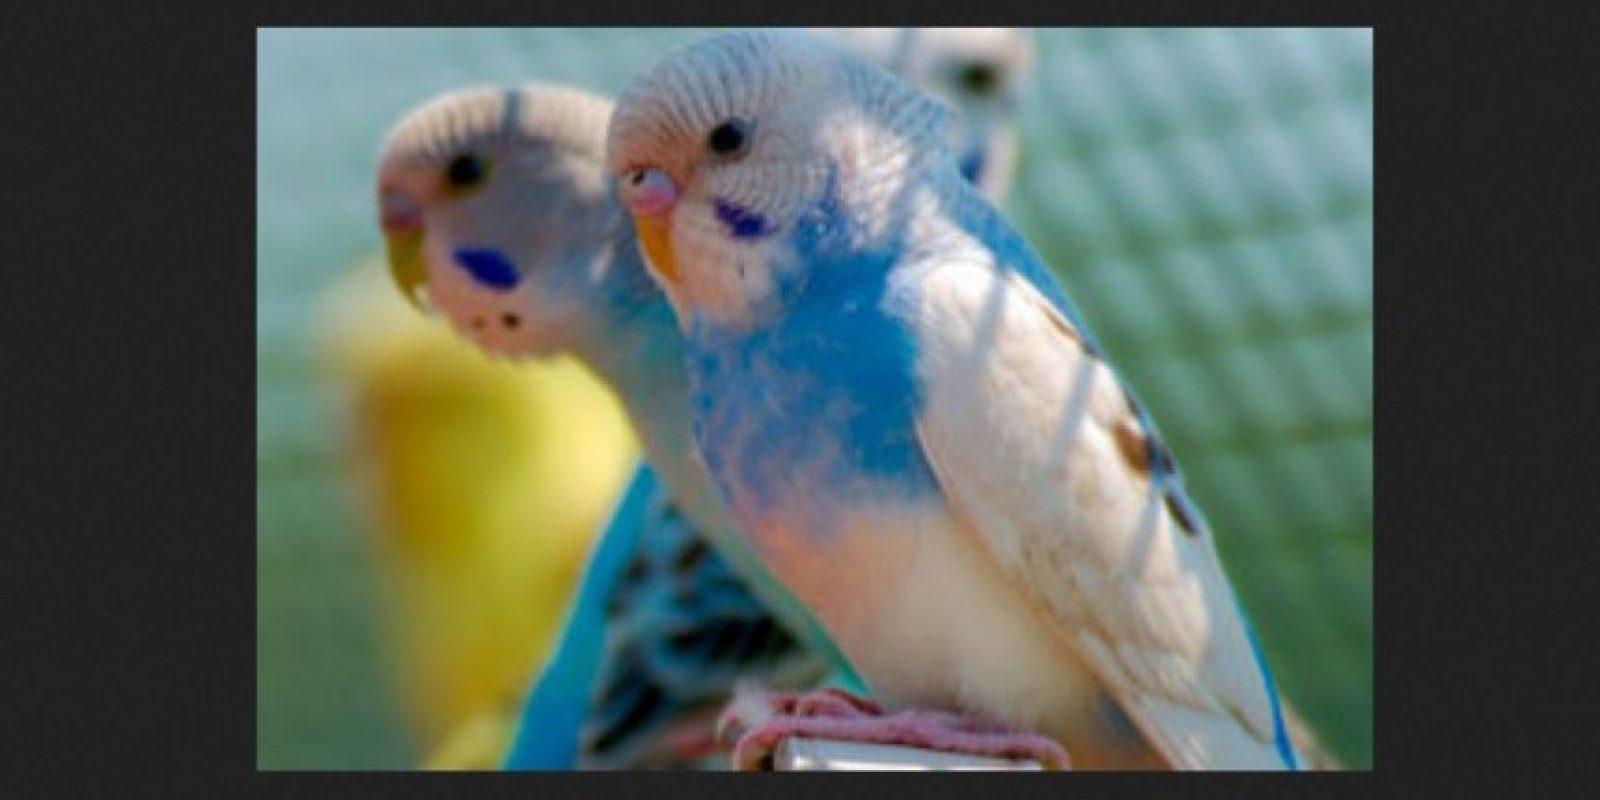 Hay varios tonos de azul, gris, blanco, cobalto, blanco, malva, violeta y algunos tonos de color más raros y mezclados. Foto:Tumblr